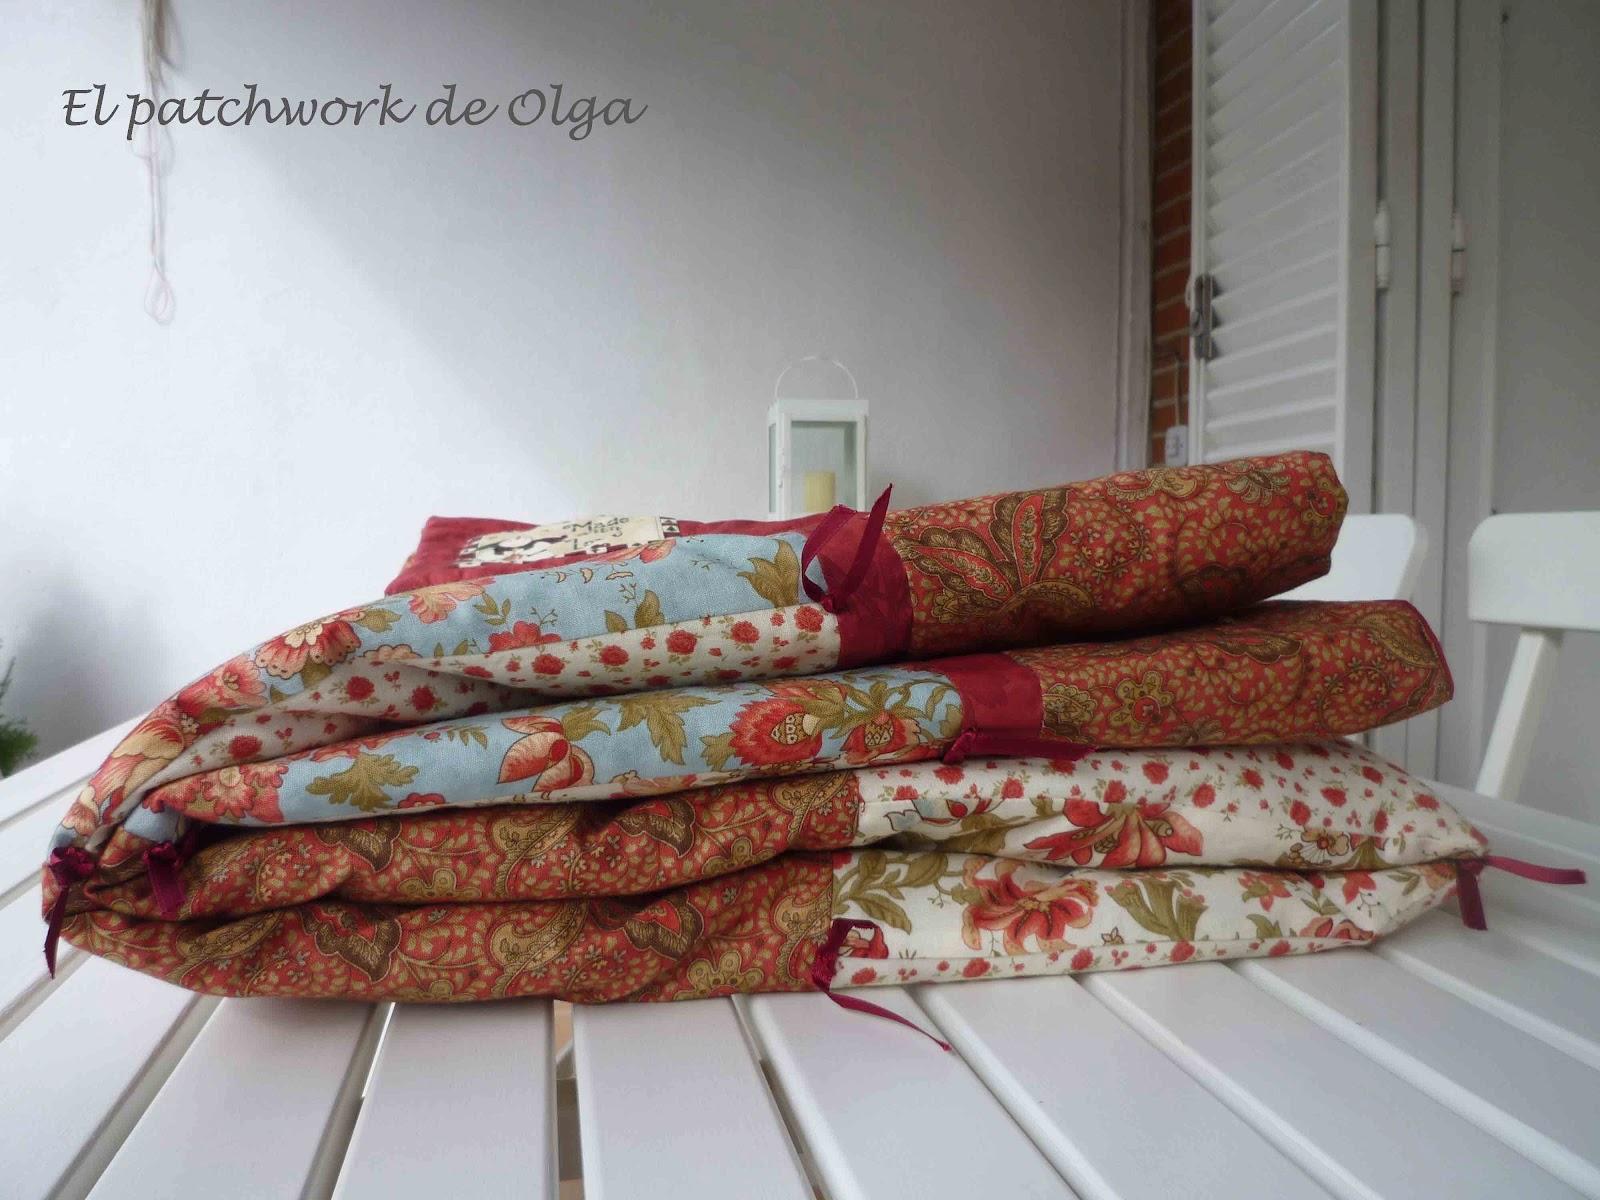 El patchwork de olga marzo 2012 - Tela para colchas ...